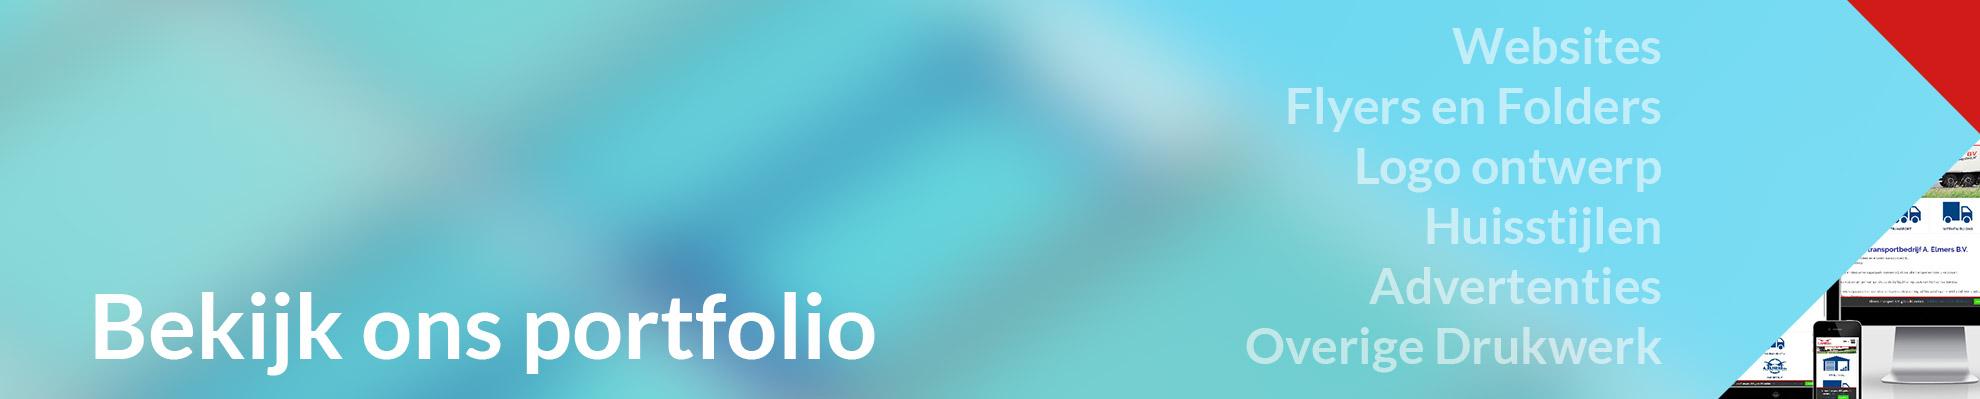 Bekijk ons portfolio: website's, flyers en folders, logo ontwerp, huisstijlen, advertenties en overi